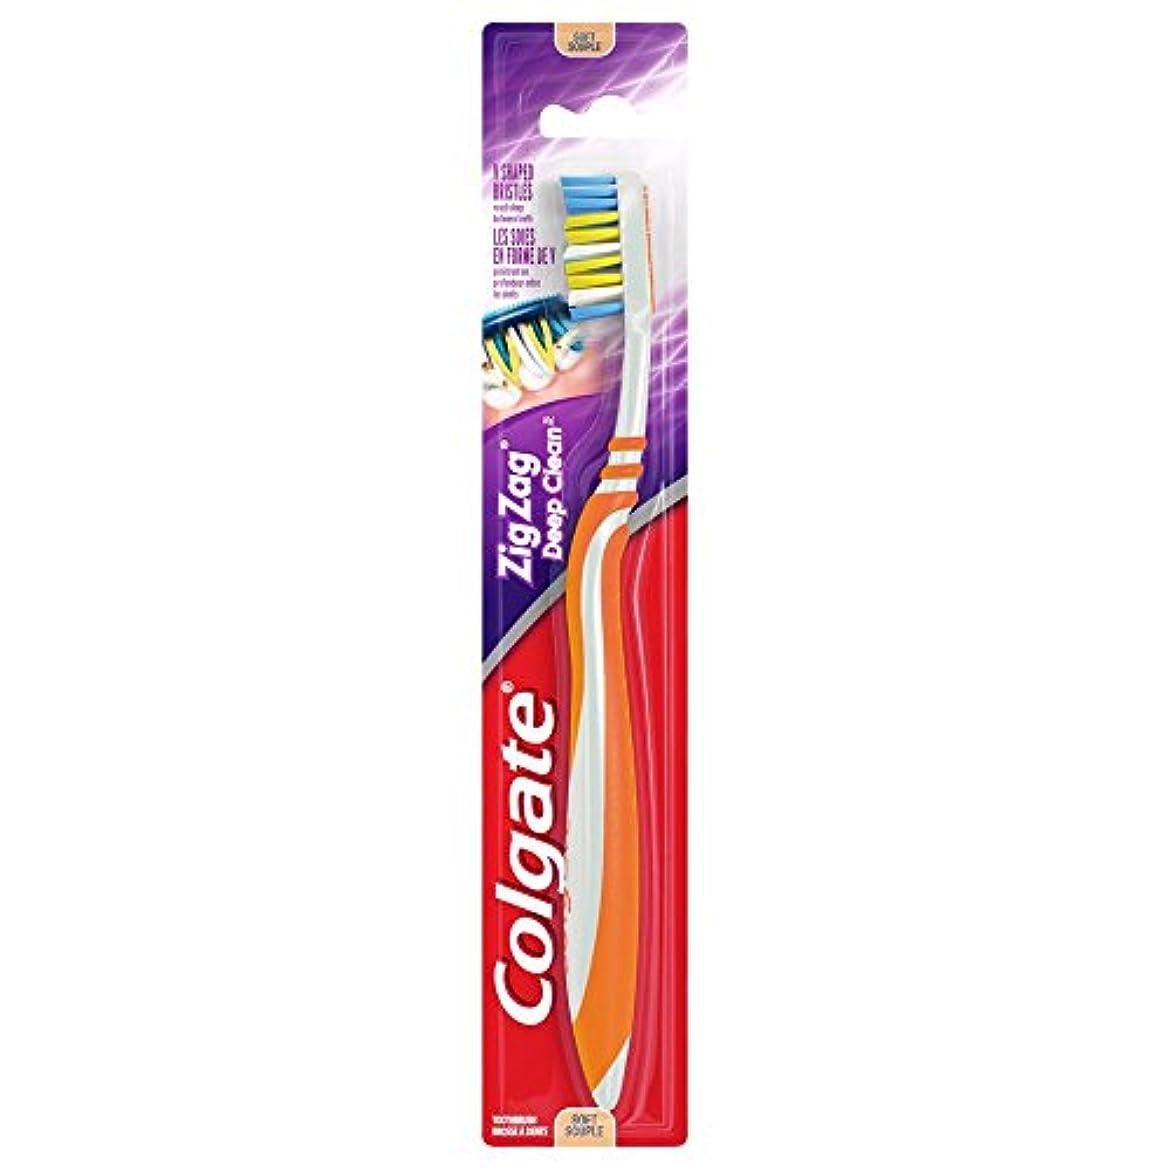 バックアップ製品離れたColgate ジグザグディープクリーン歯ブラシ、ソフト - 6パック